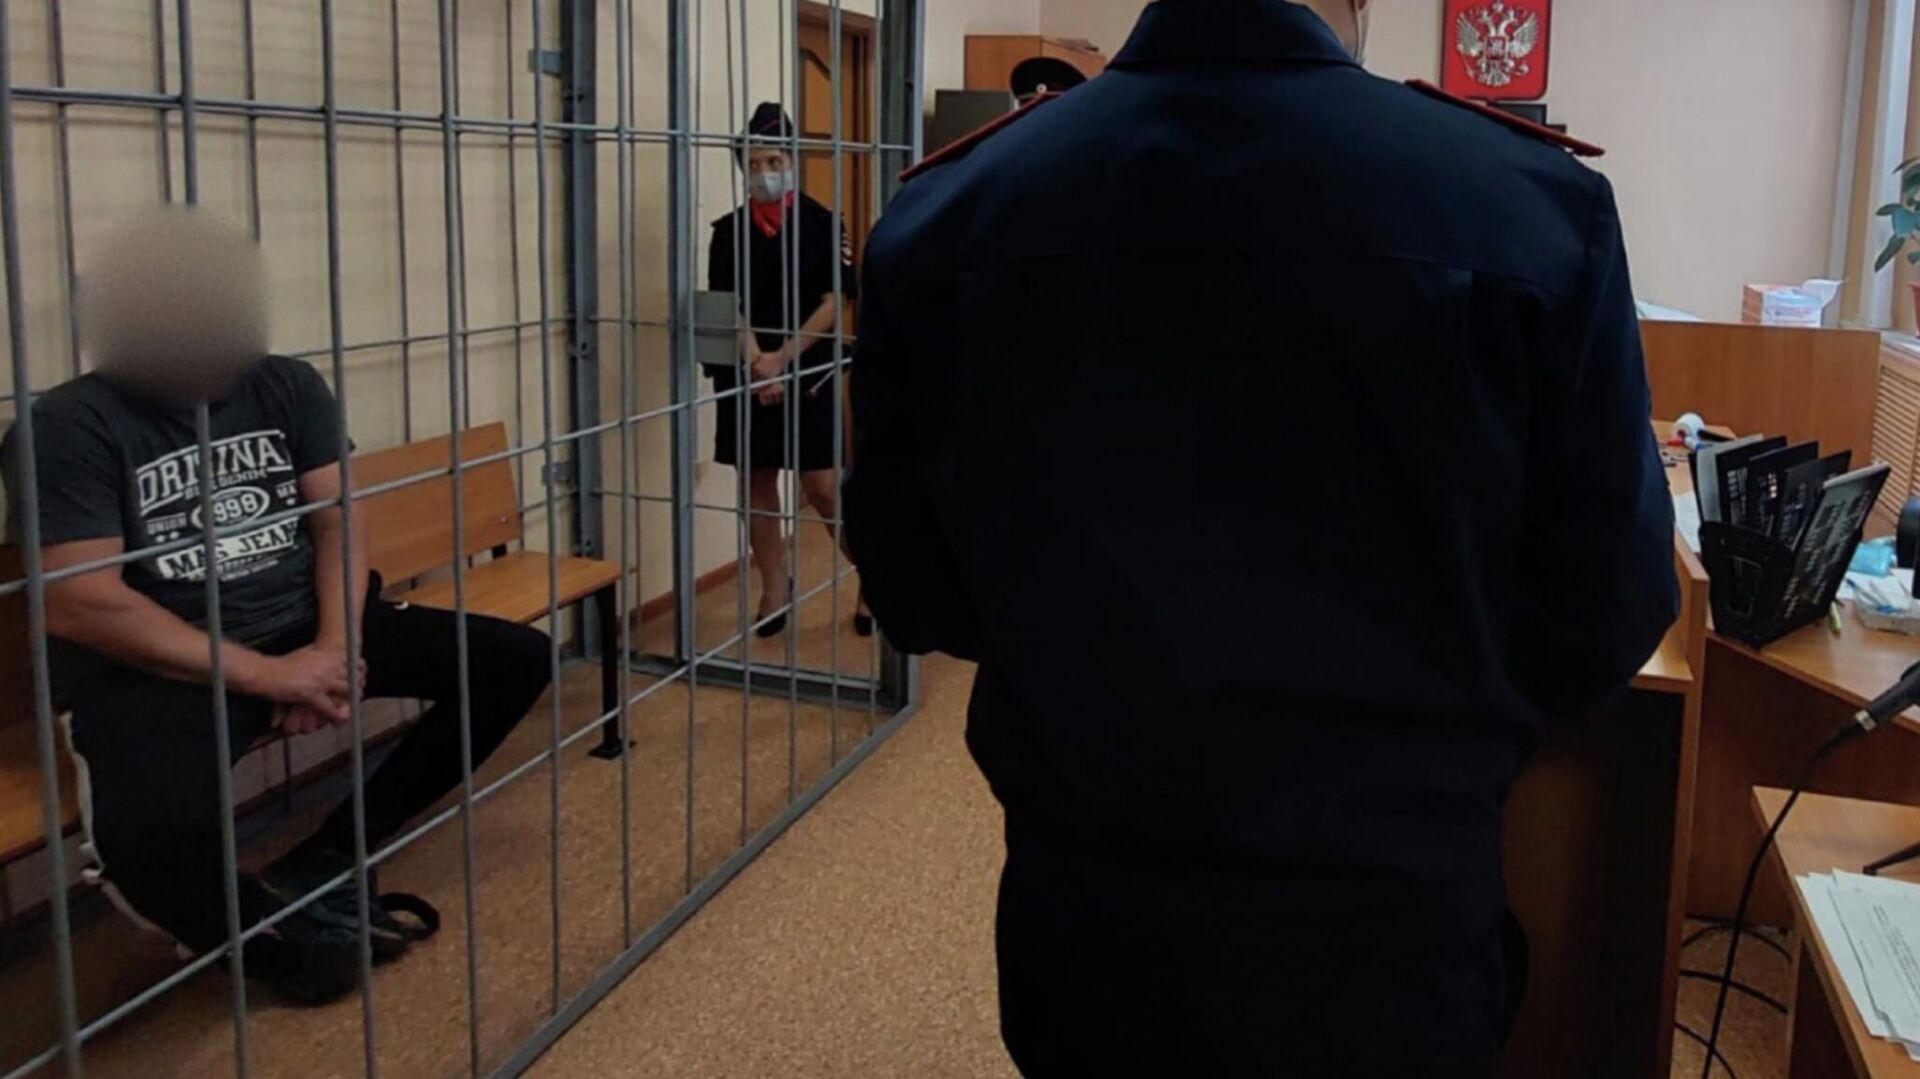 В городе Самаре в отношении мужчины, обвиняемого в убийстве девушки, избрана мера пресечения - РИА Новости, 1920, 31.07.2021